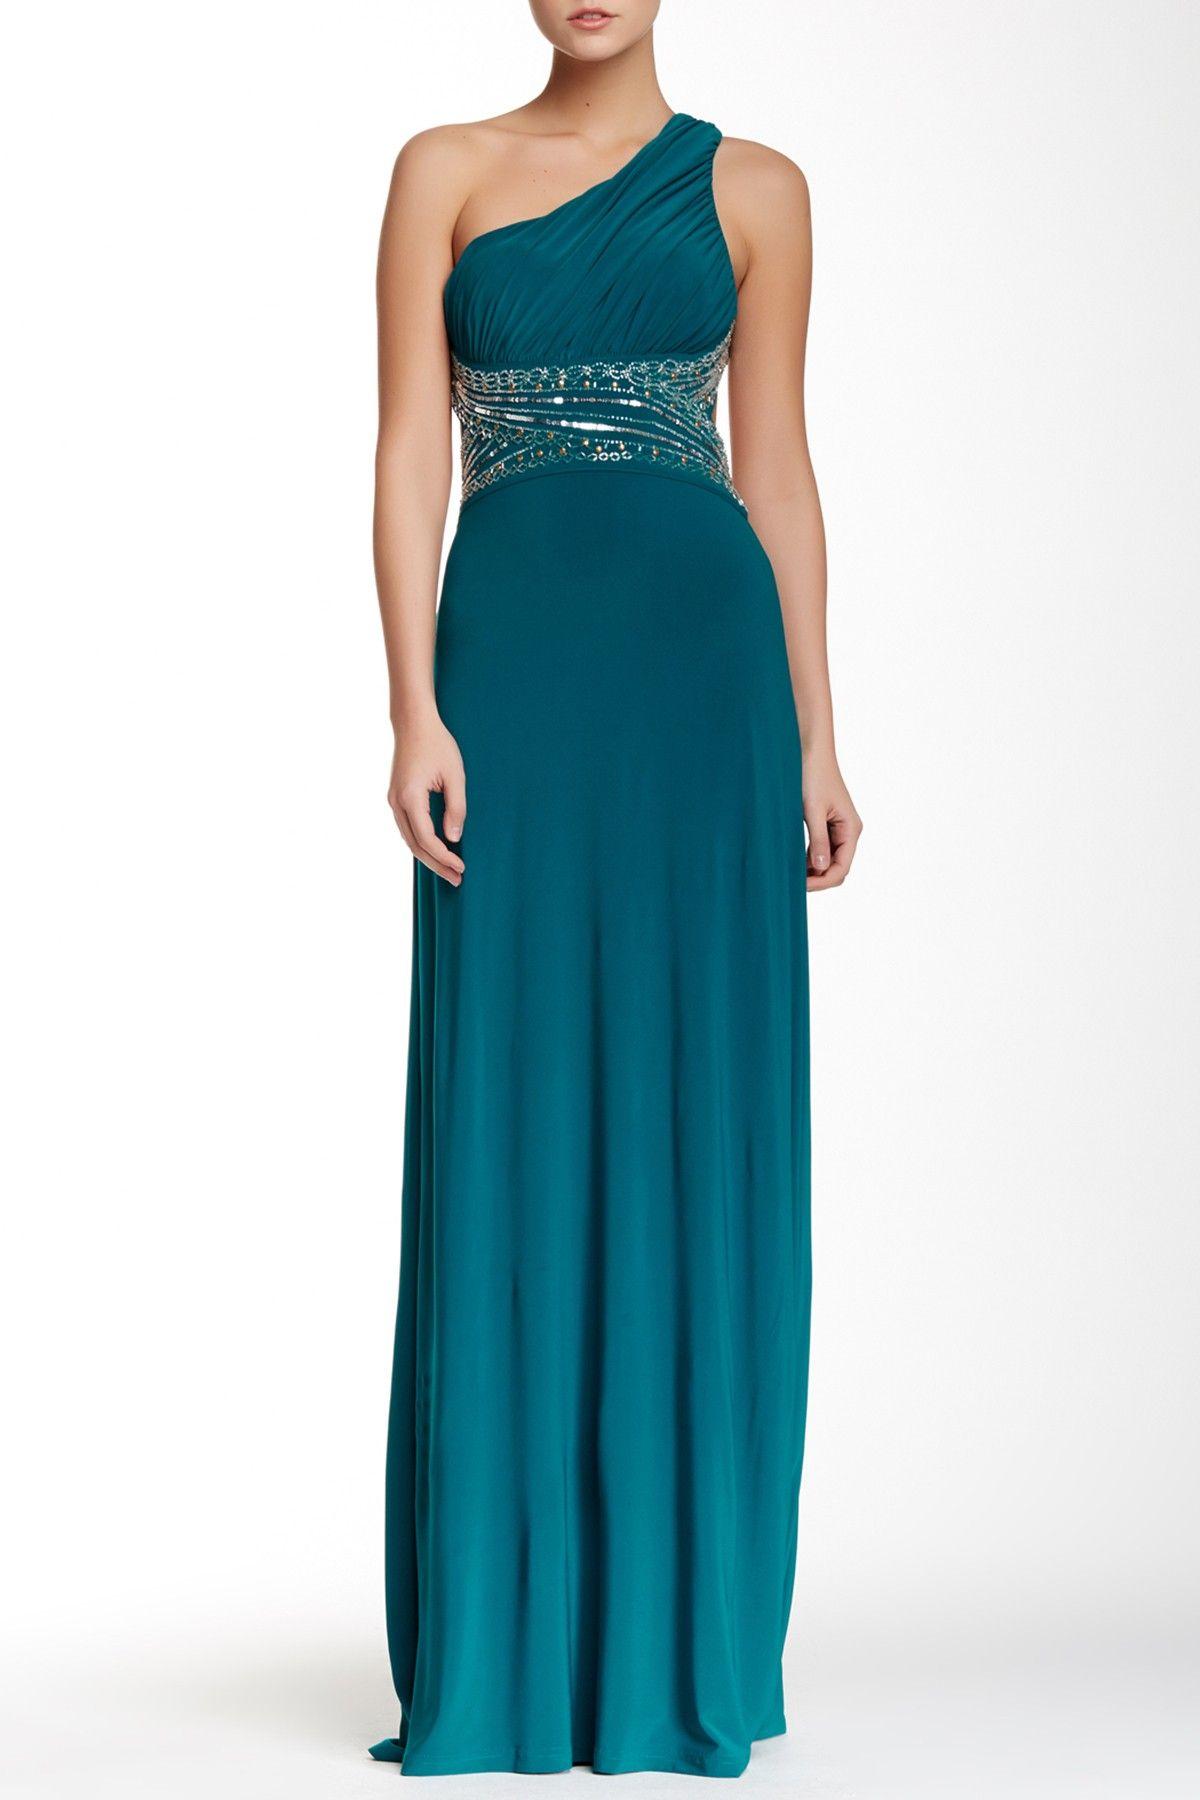 One Shoulder Embellished Dress (Juniors) | Embellished dress ...